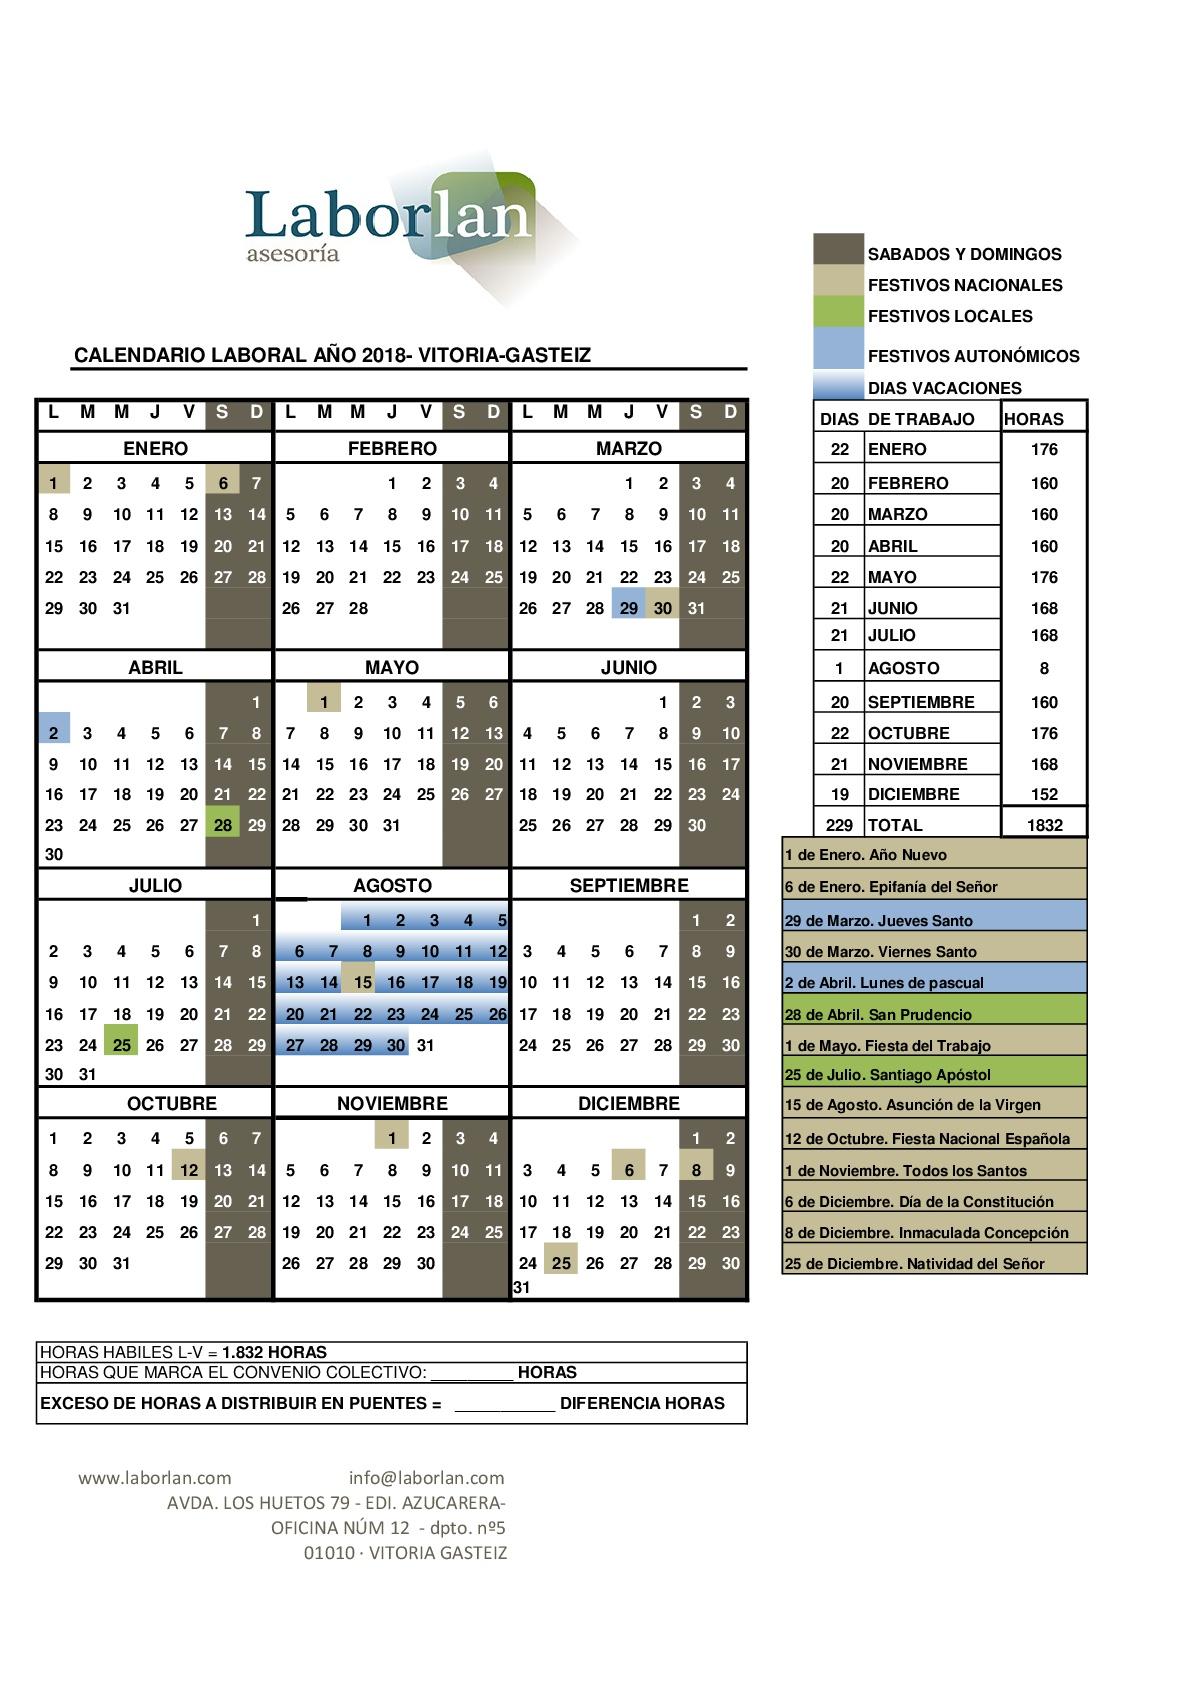 Calendario Laboral De La Construccion.Calendario Laboral 2018 Vitoria Gasteiz Laborlan Asesoria